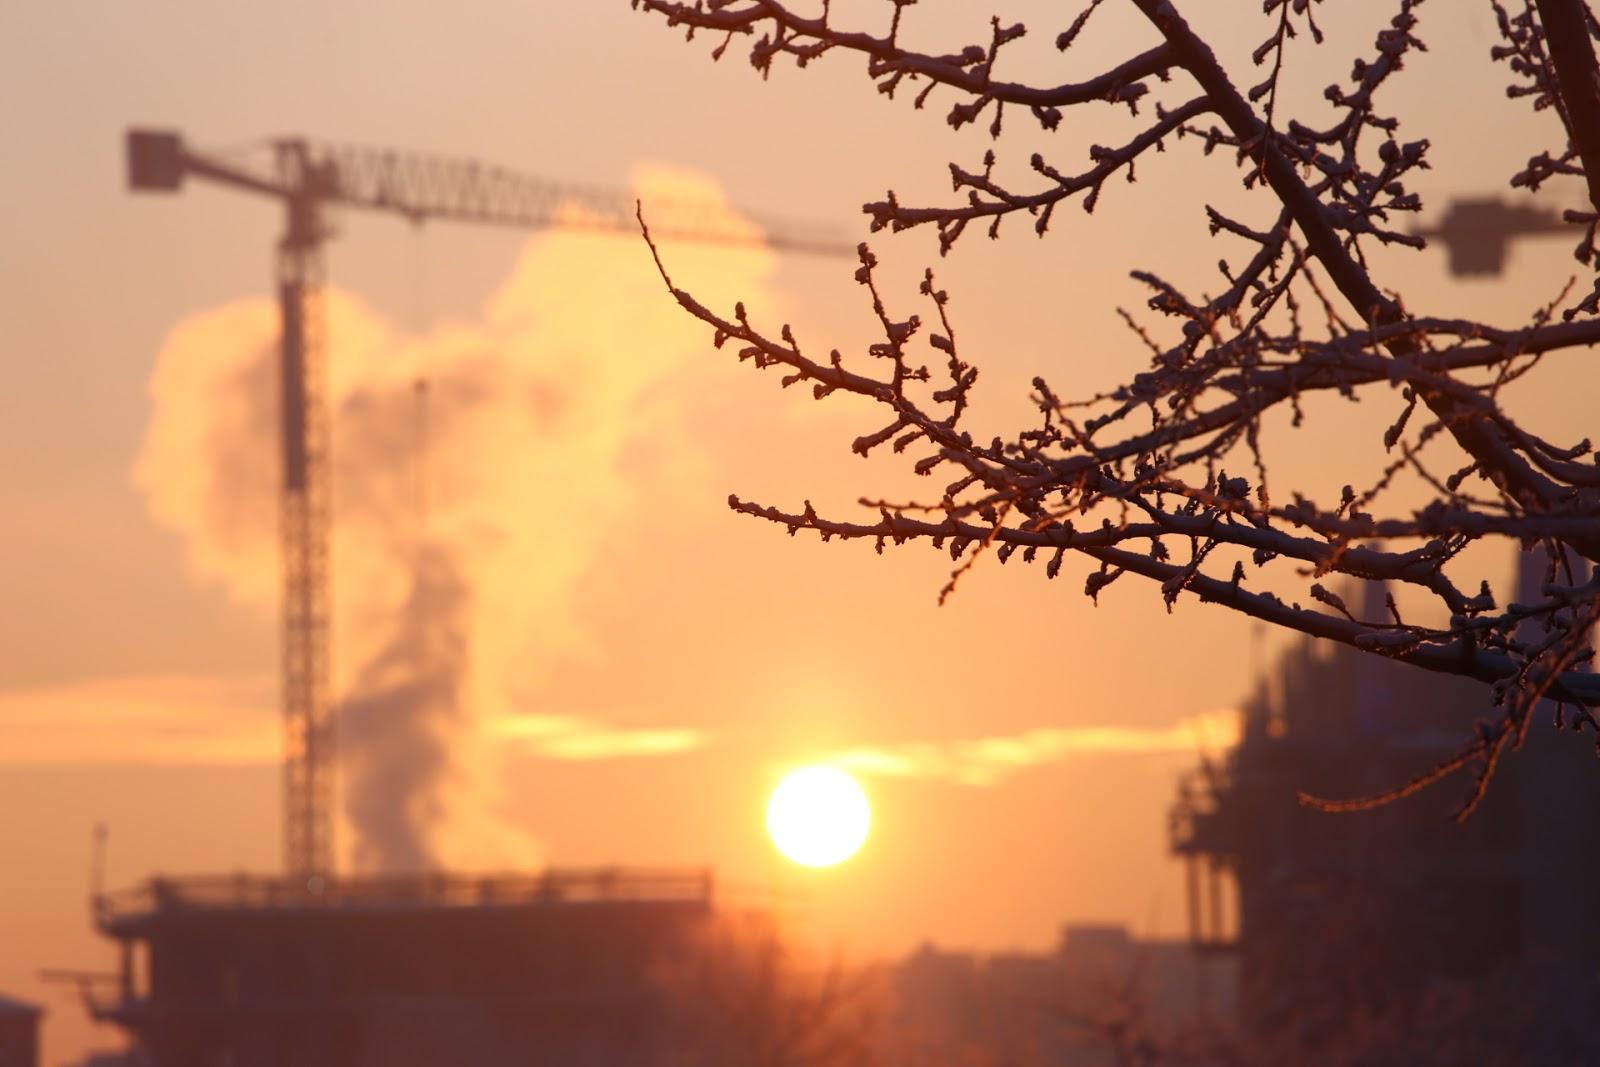 Un strop de soare - Silviu Pal Blog - Prima postare din an - Canon 6D